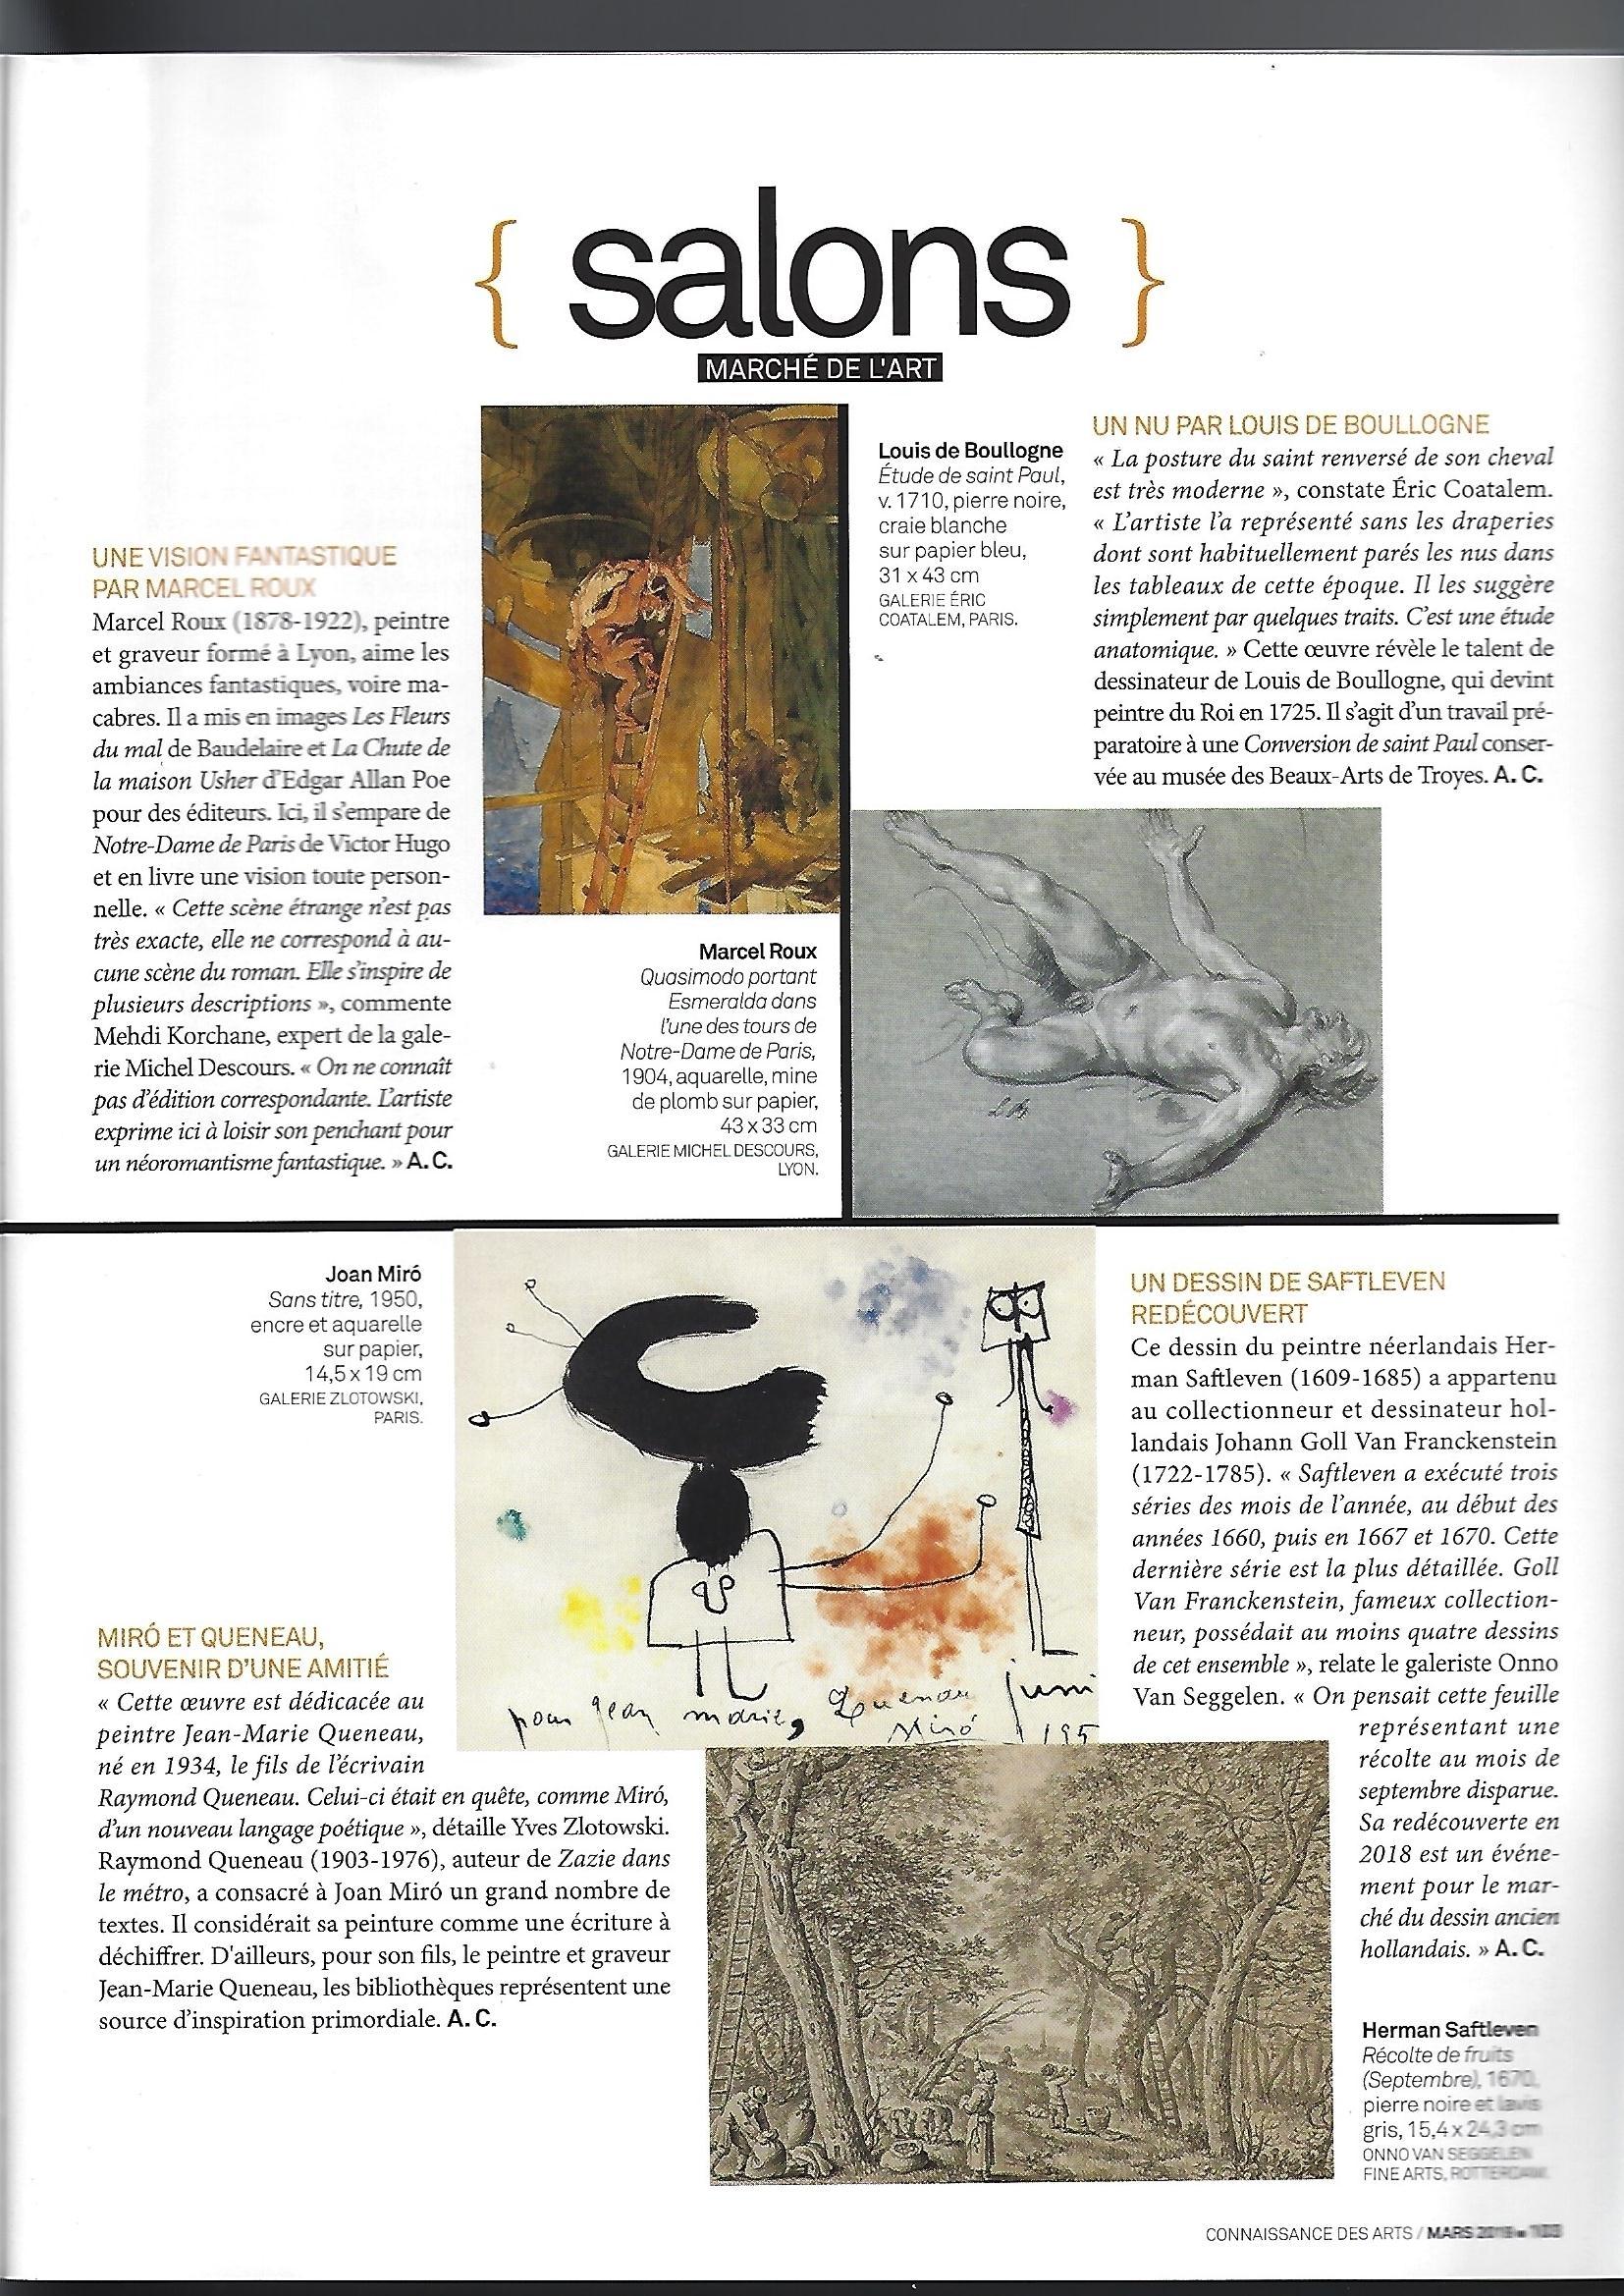 Connaissance-des-Arts-Salon-du-Dessin-2019-Galerie-AB-Paris_Page_3